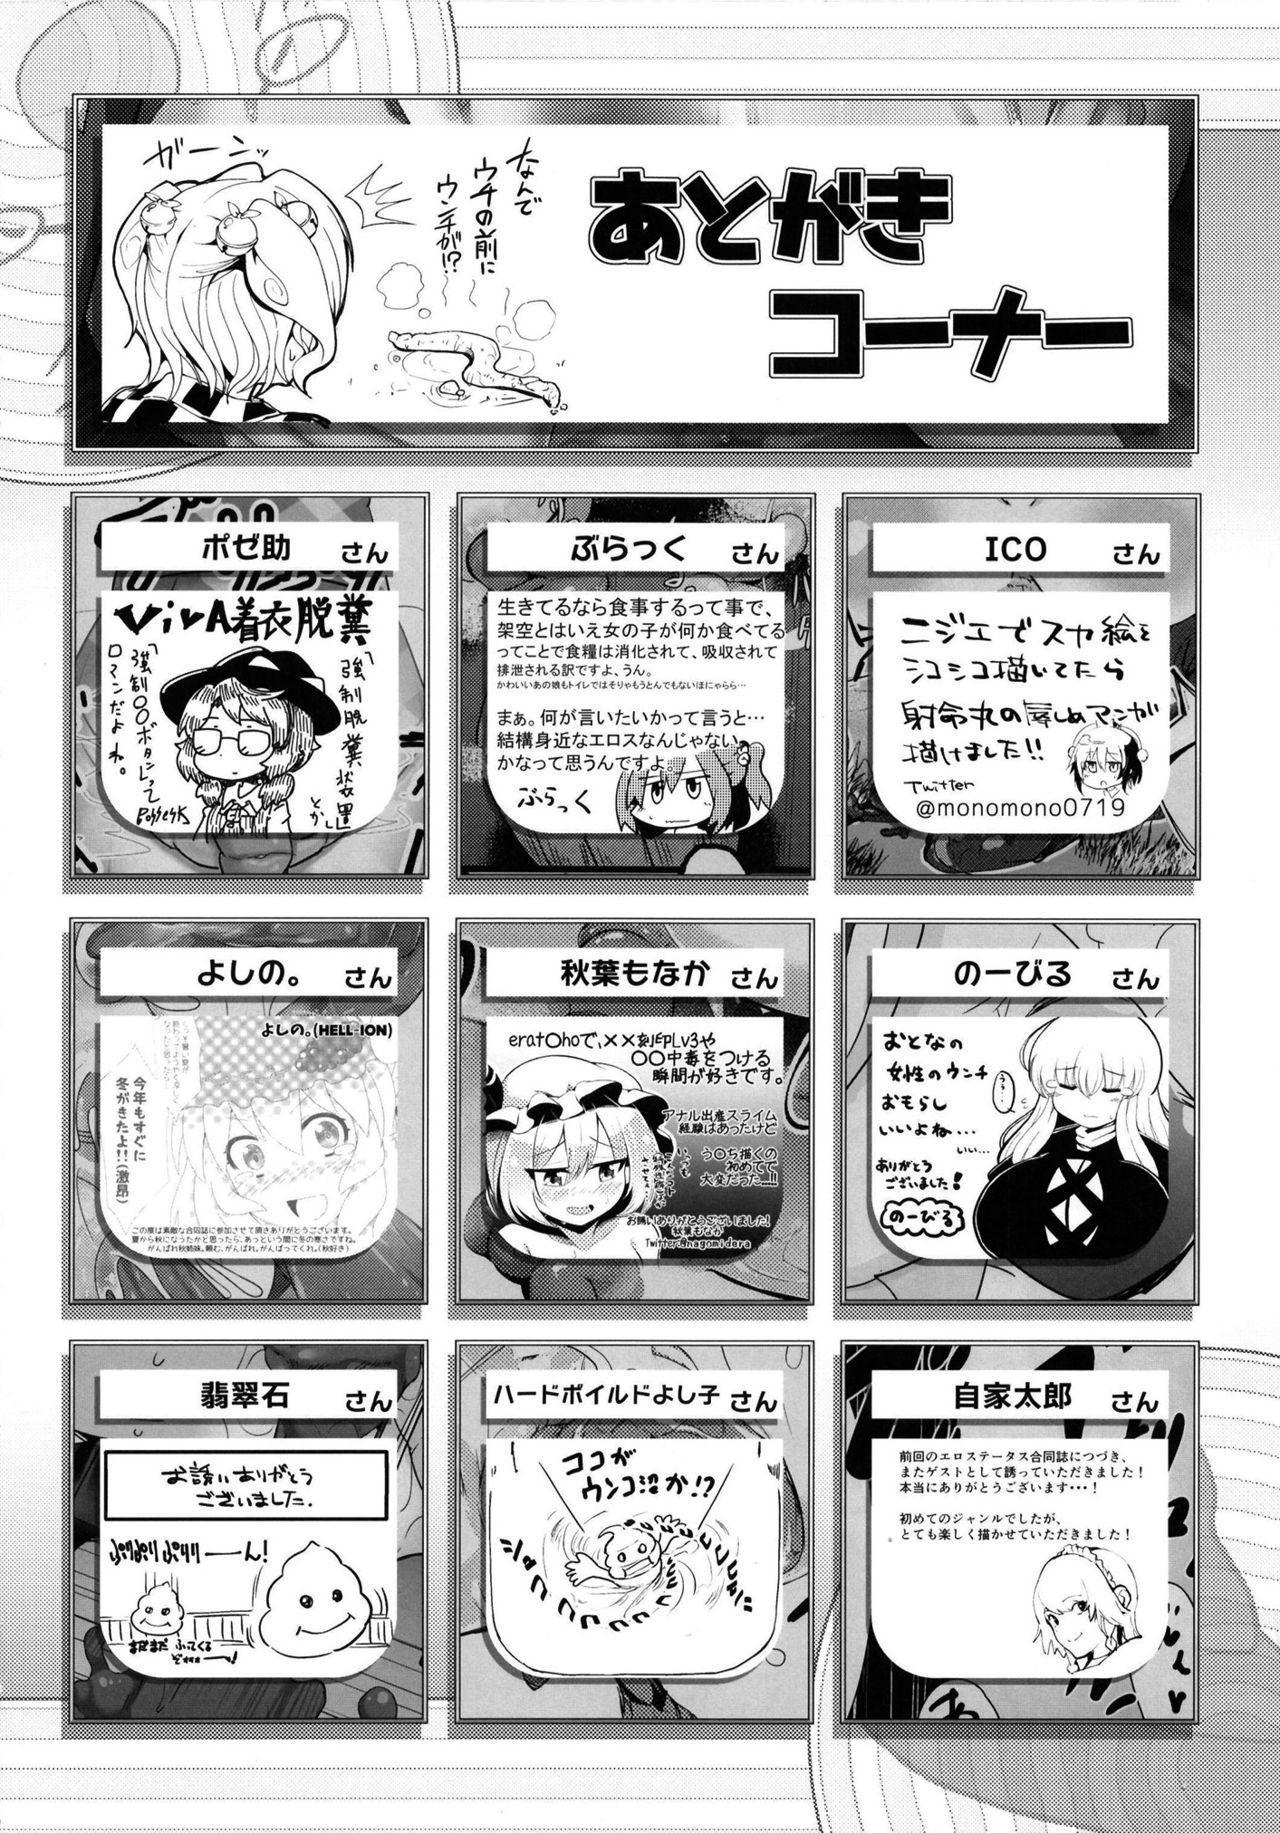 (C93) [Imomaru. (Various)] Micha Damee! ~Touhou Dappun Shuuchi Goudou~ | 不可以看啦! ~東方脫糞羞恥合同~ (Touhou Project) [Chinese] [臭鼬娘漢化組] 67